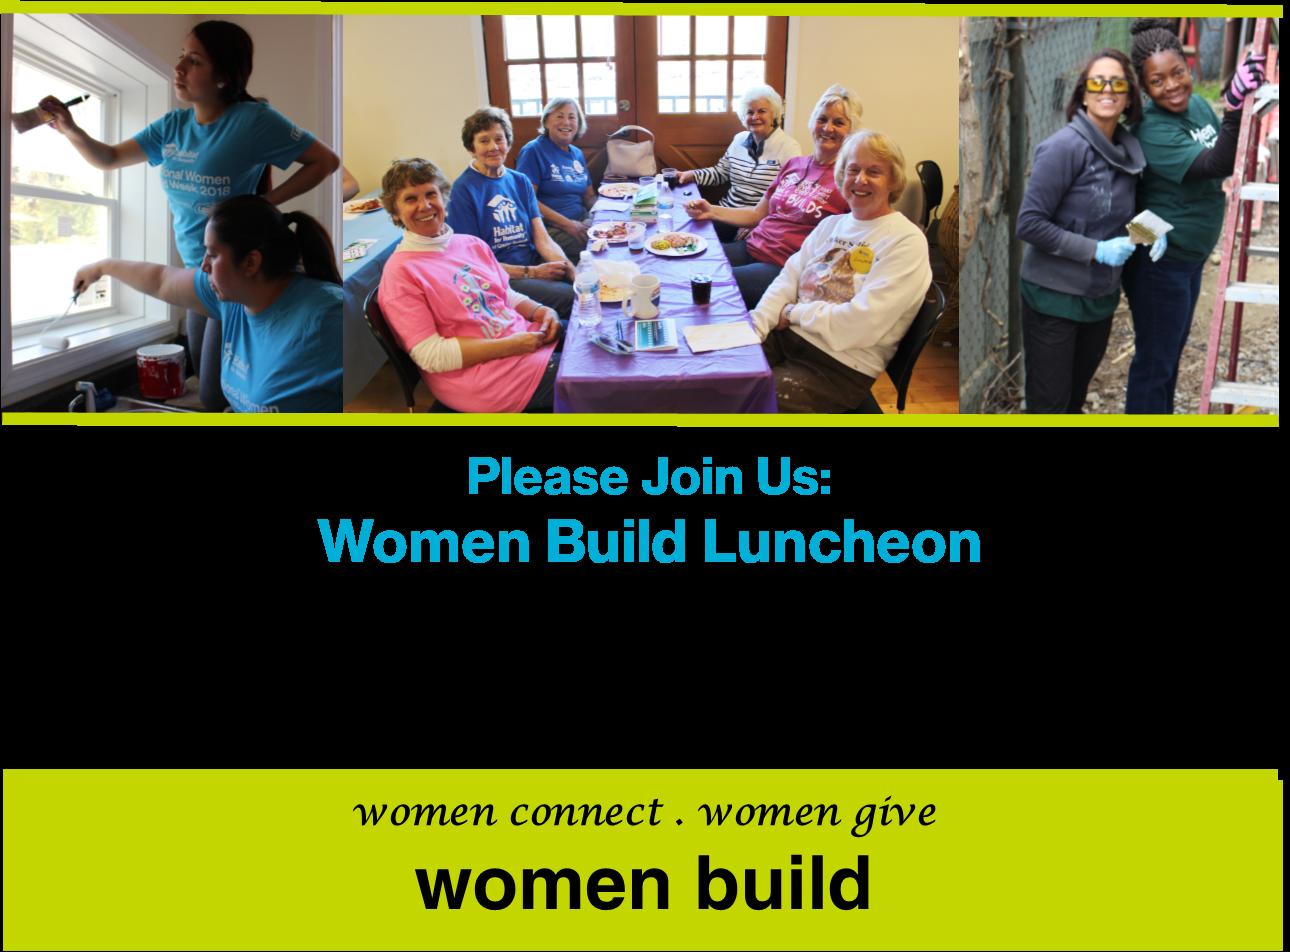 Women Build Luncheon